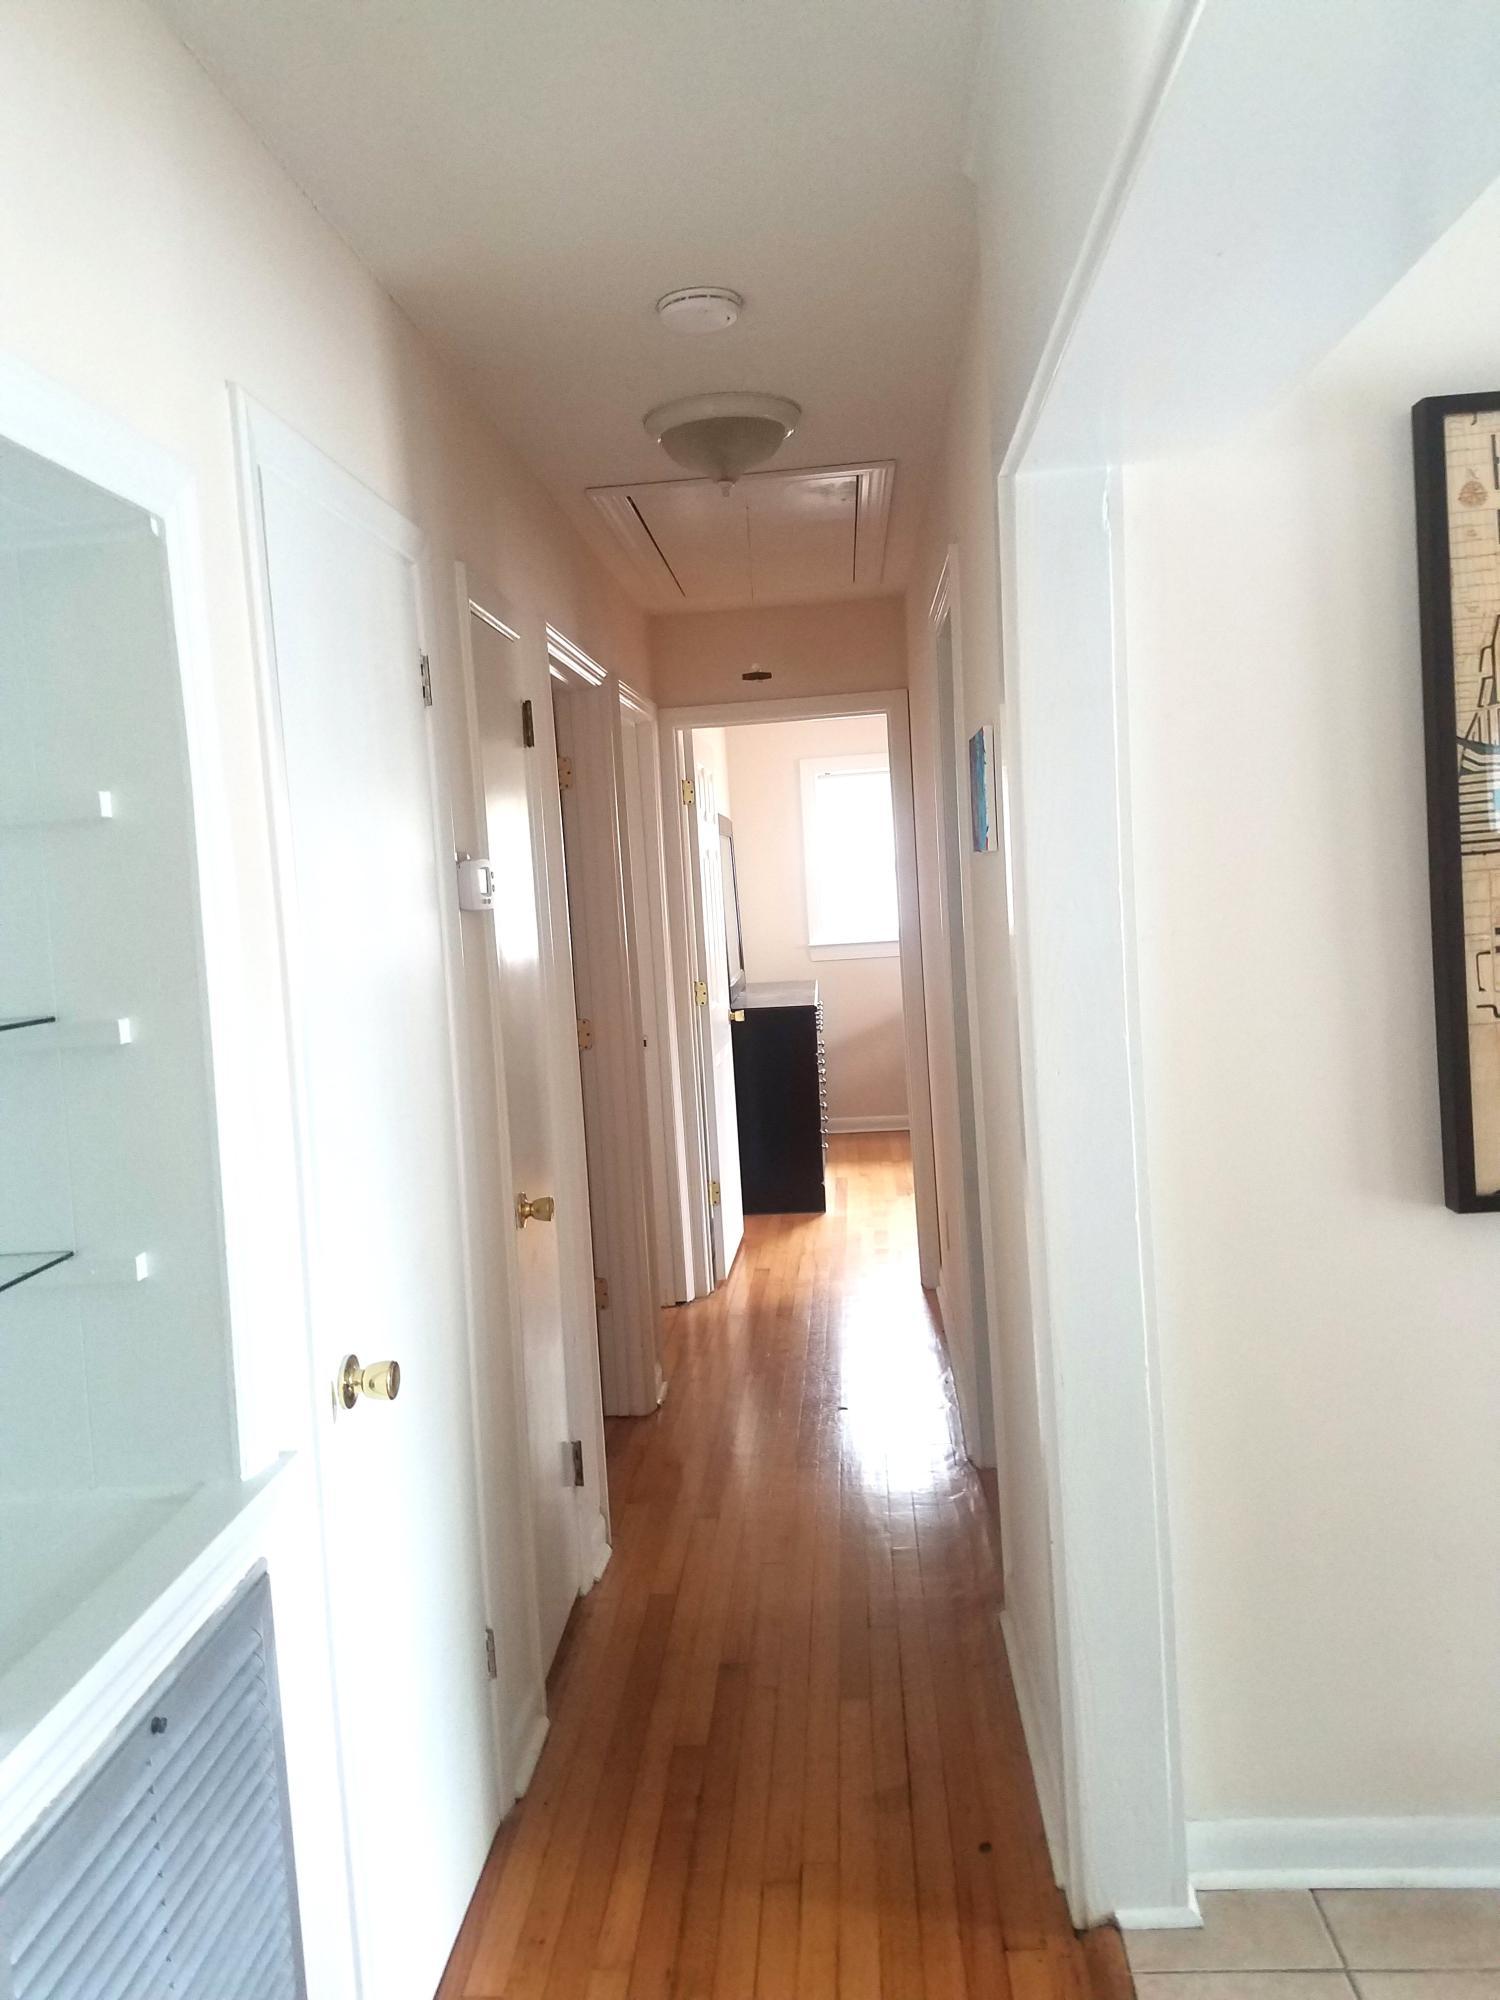 Essex Village Homes For Sale - 739 Westchester, Charleston, SC - 20